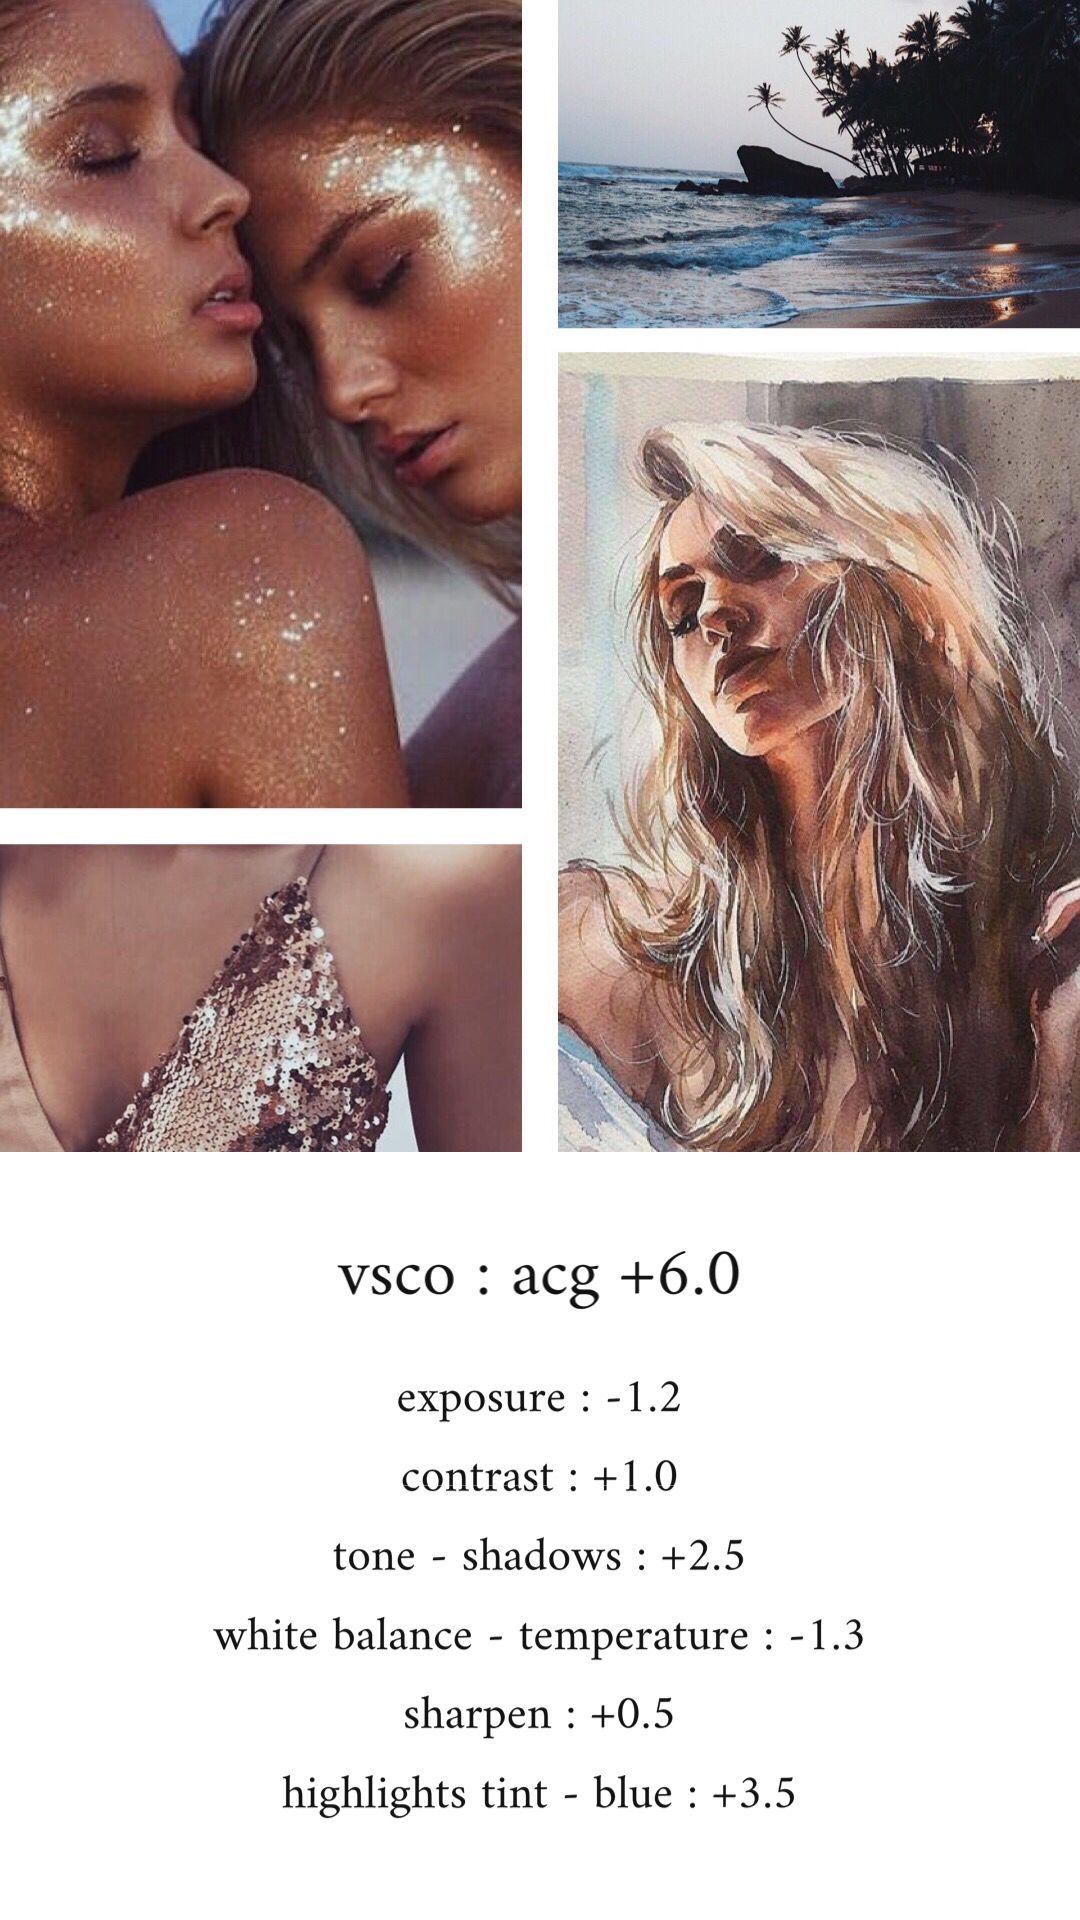 vsco #vscofilter #vscoacg #blue #glitter #beach | Vsco filter | Vsco